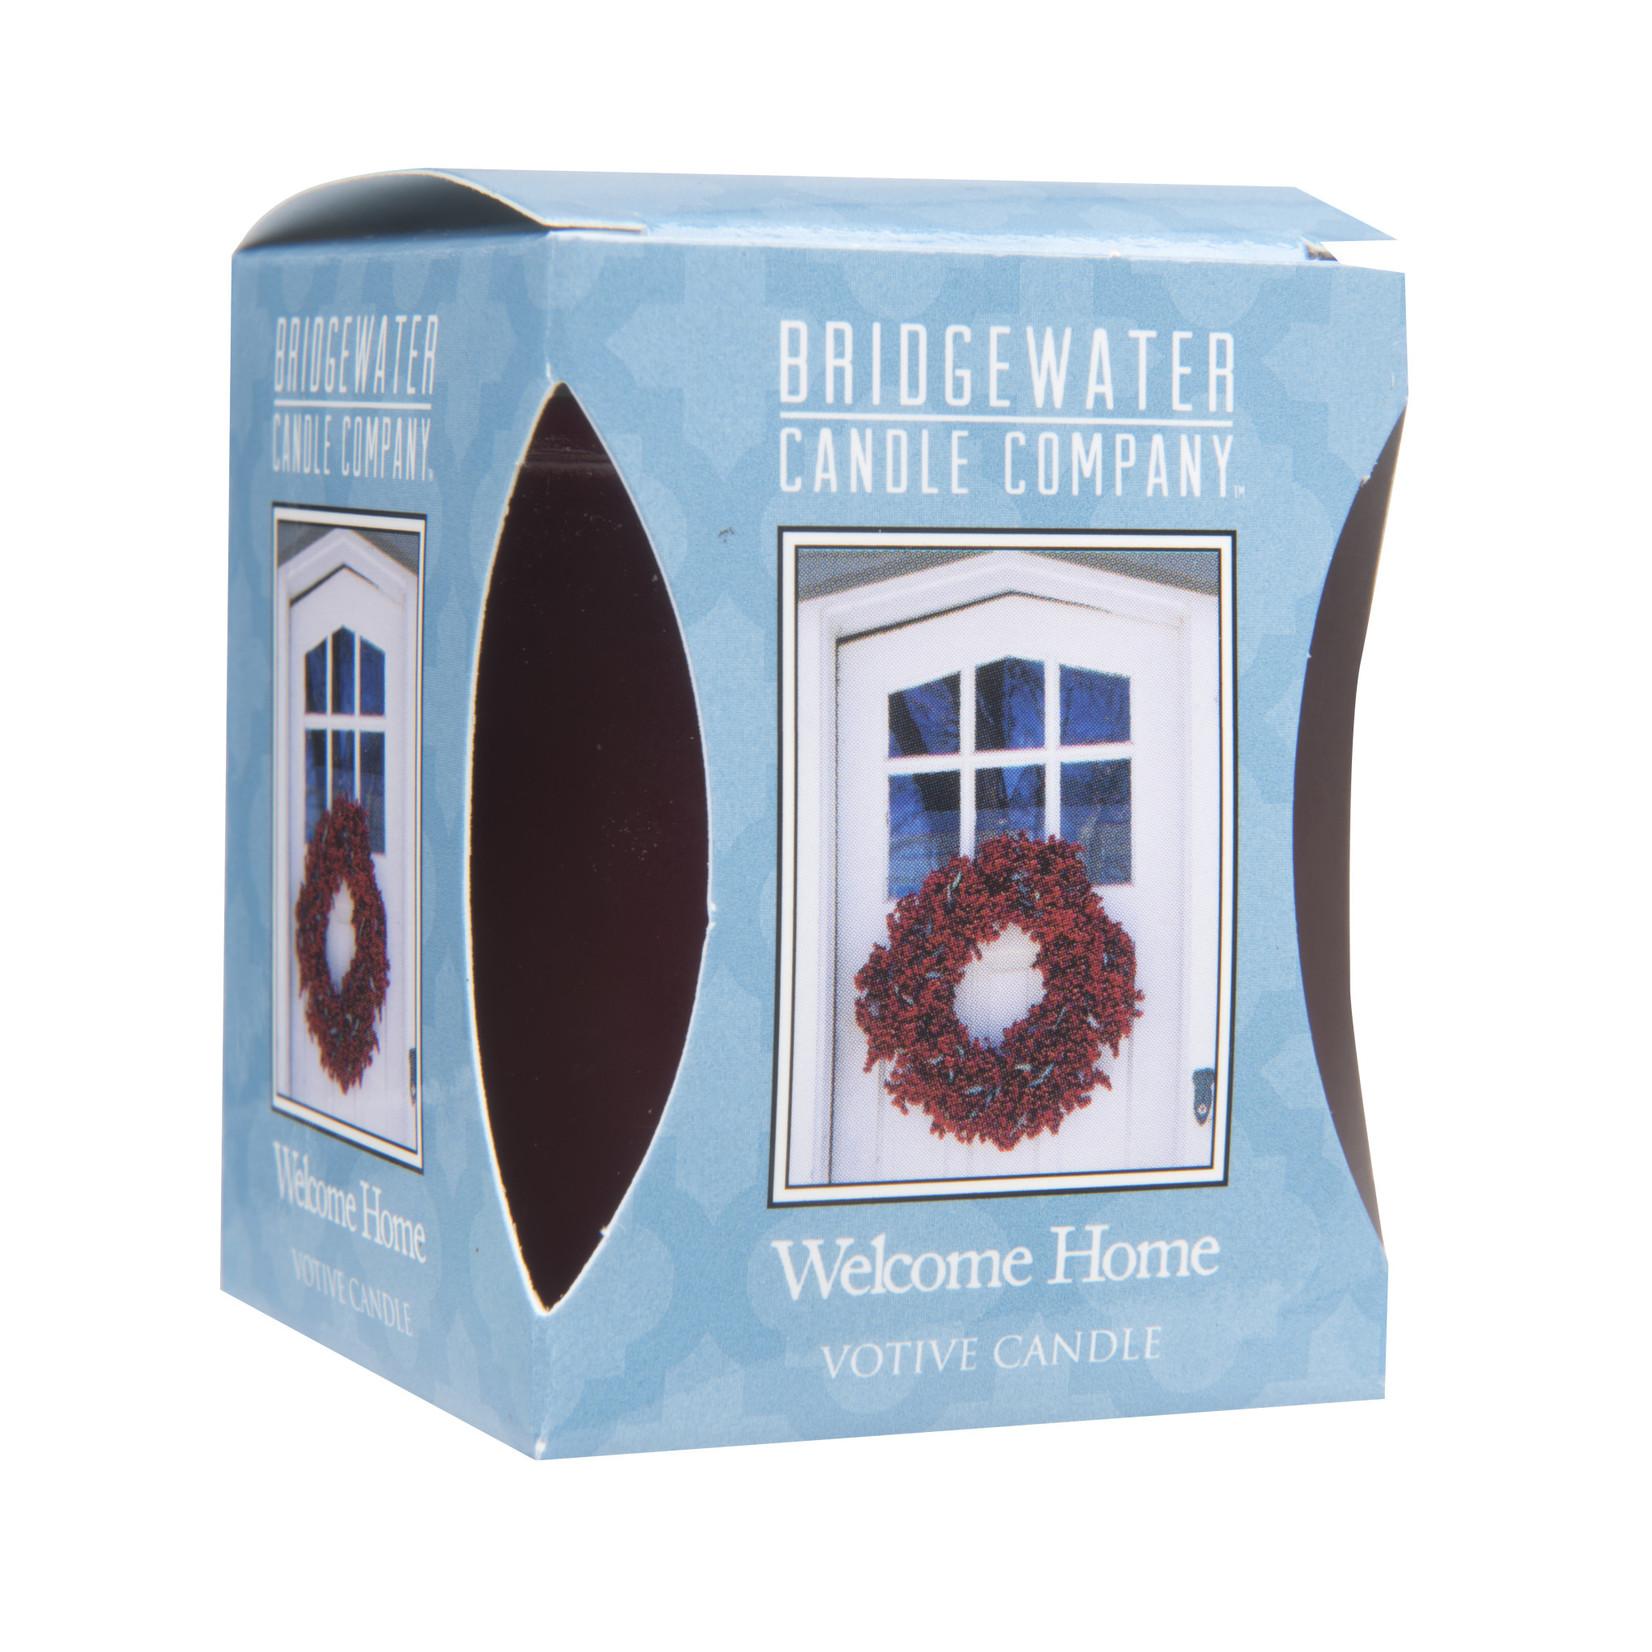 Bridgewater Votive Candle / Geurkaarsje Welcome Home